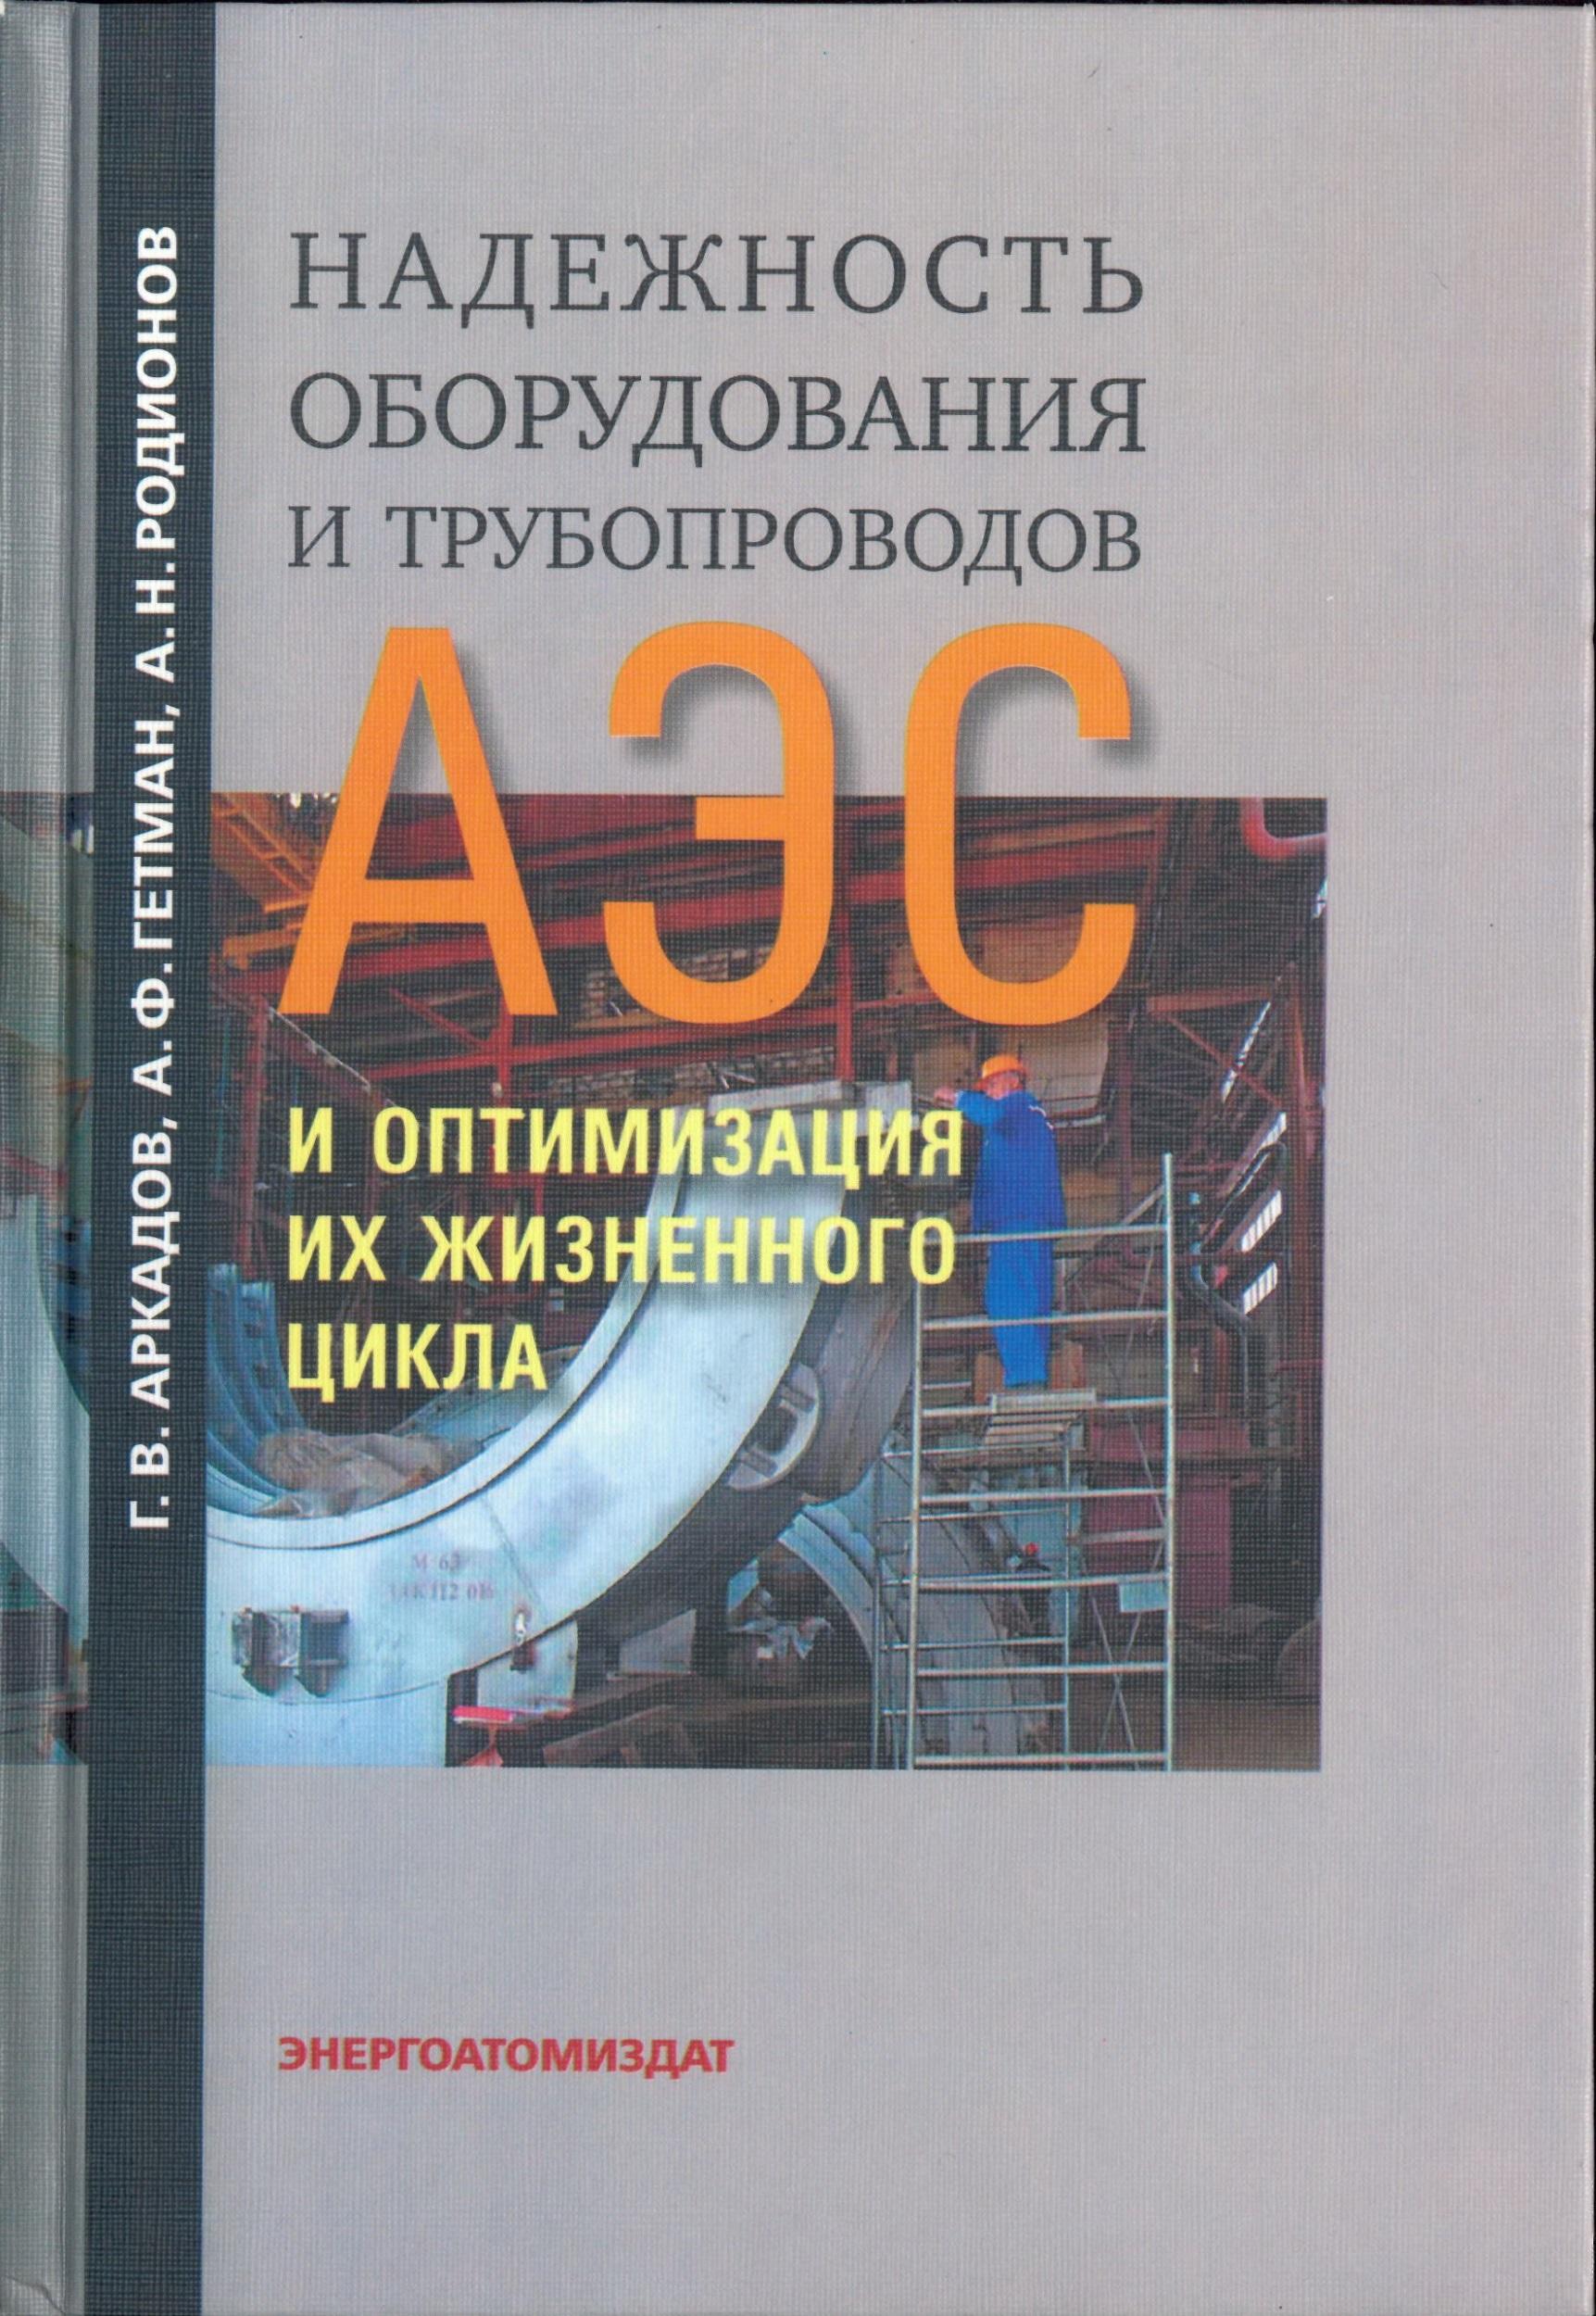 картинка Надежность оборудования и трубопроводов АЭС от магазина Одежда+